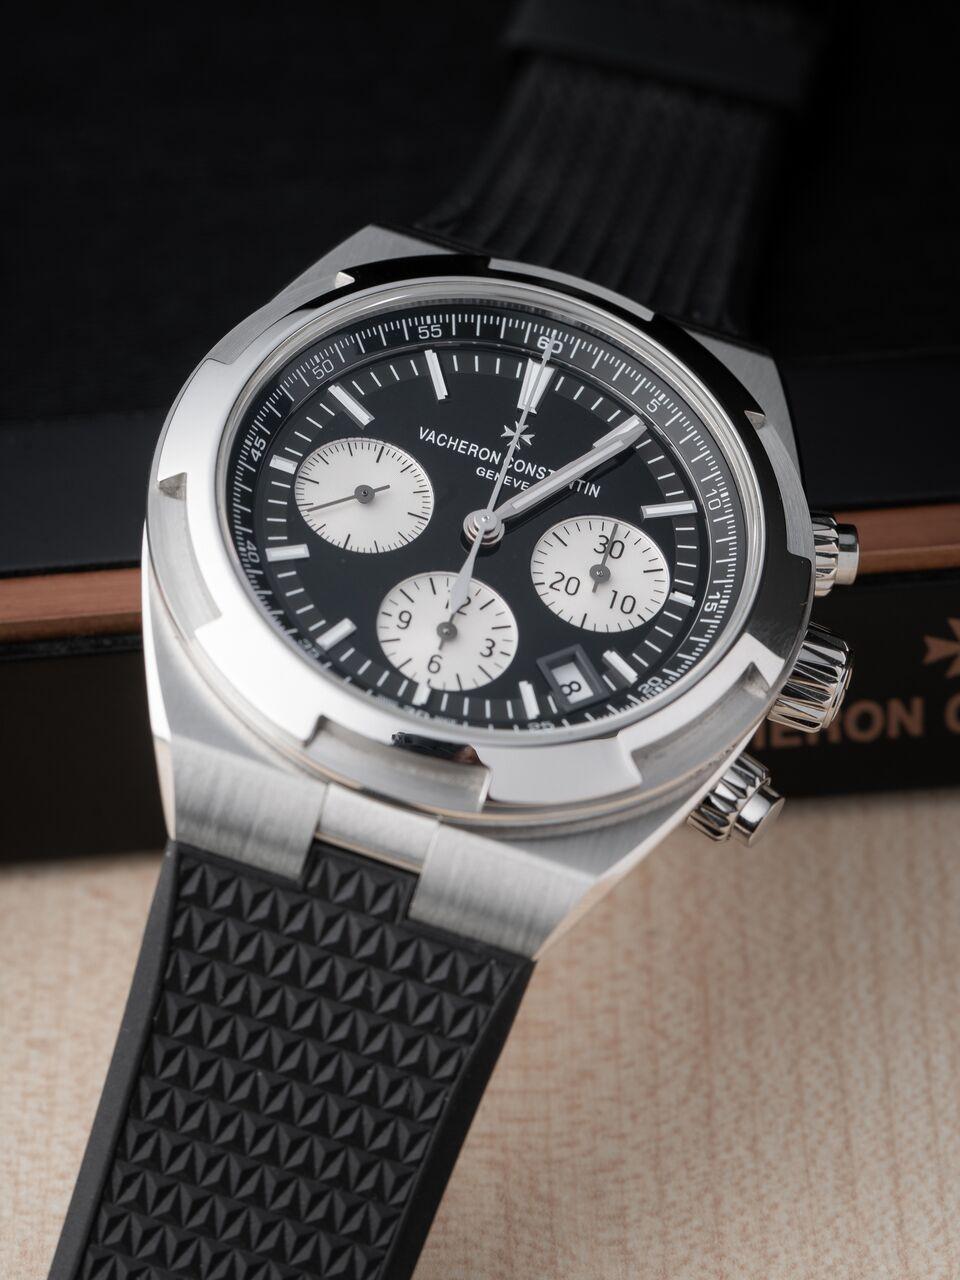 Vacheron Constantin Overseas Chronograph rubber strap